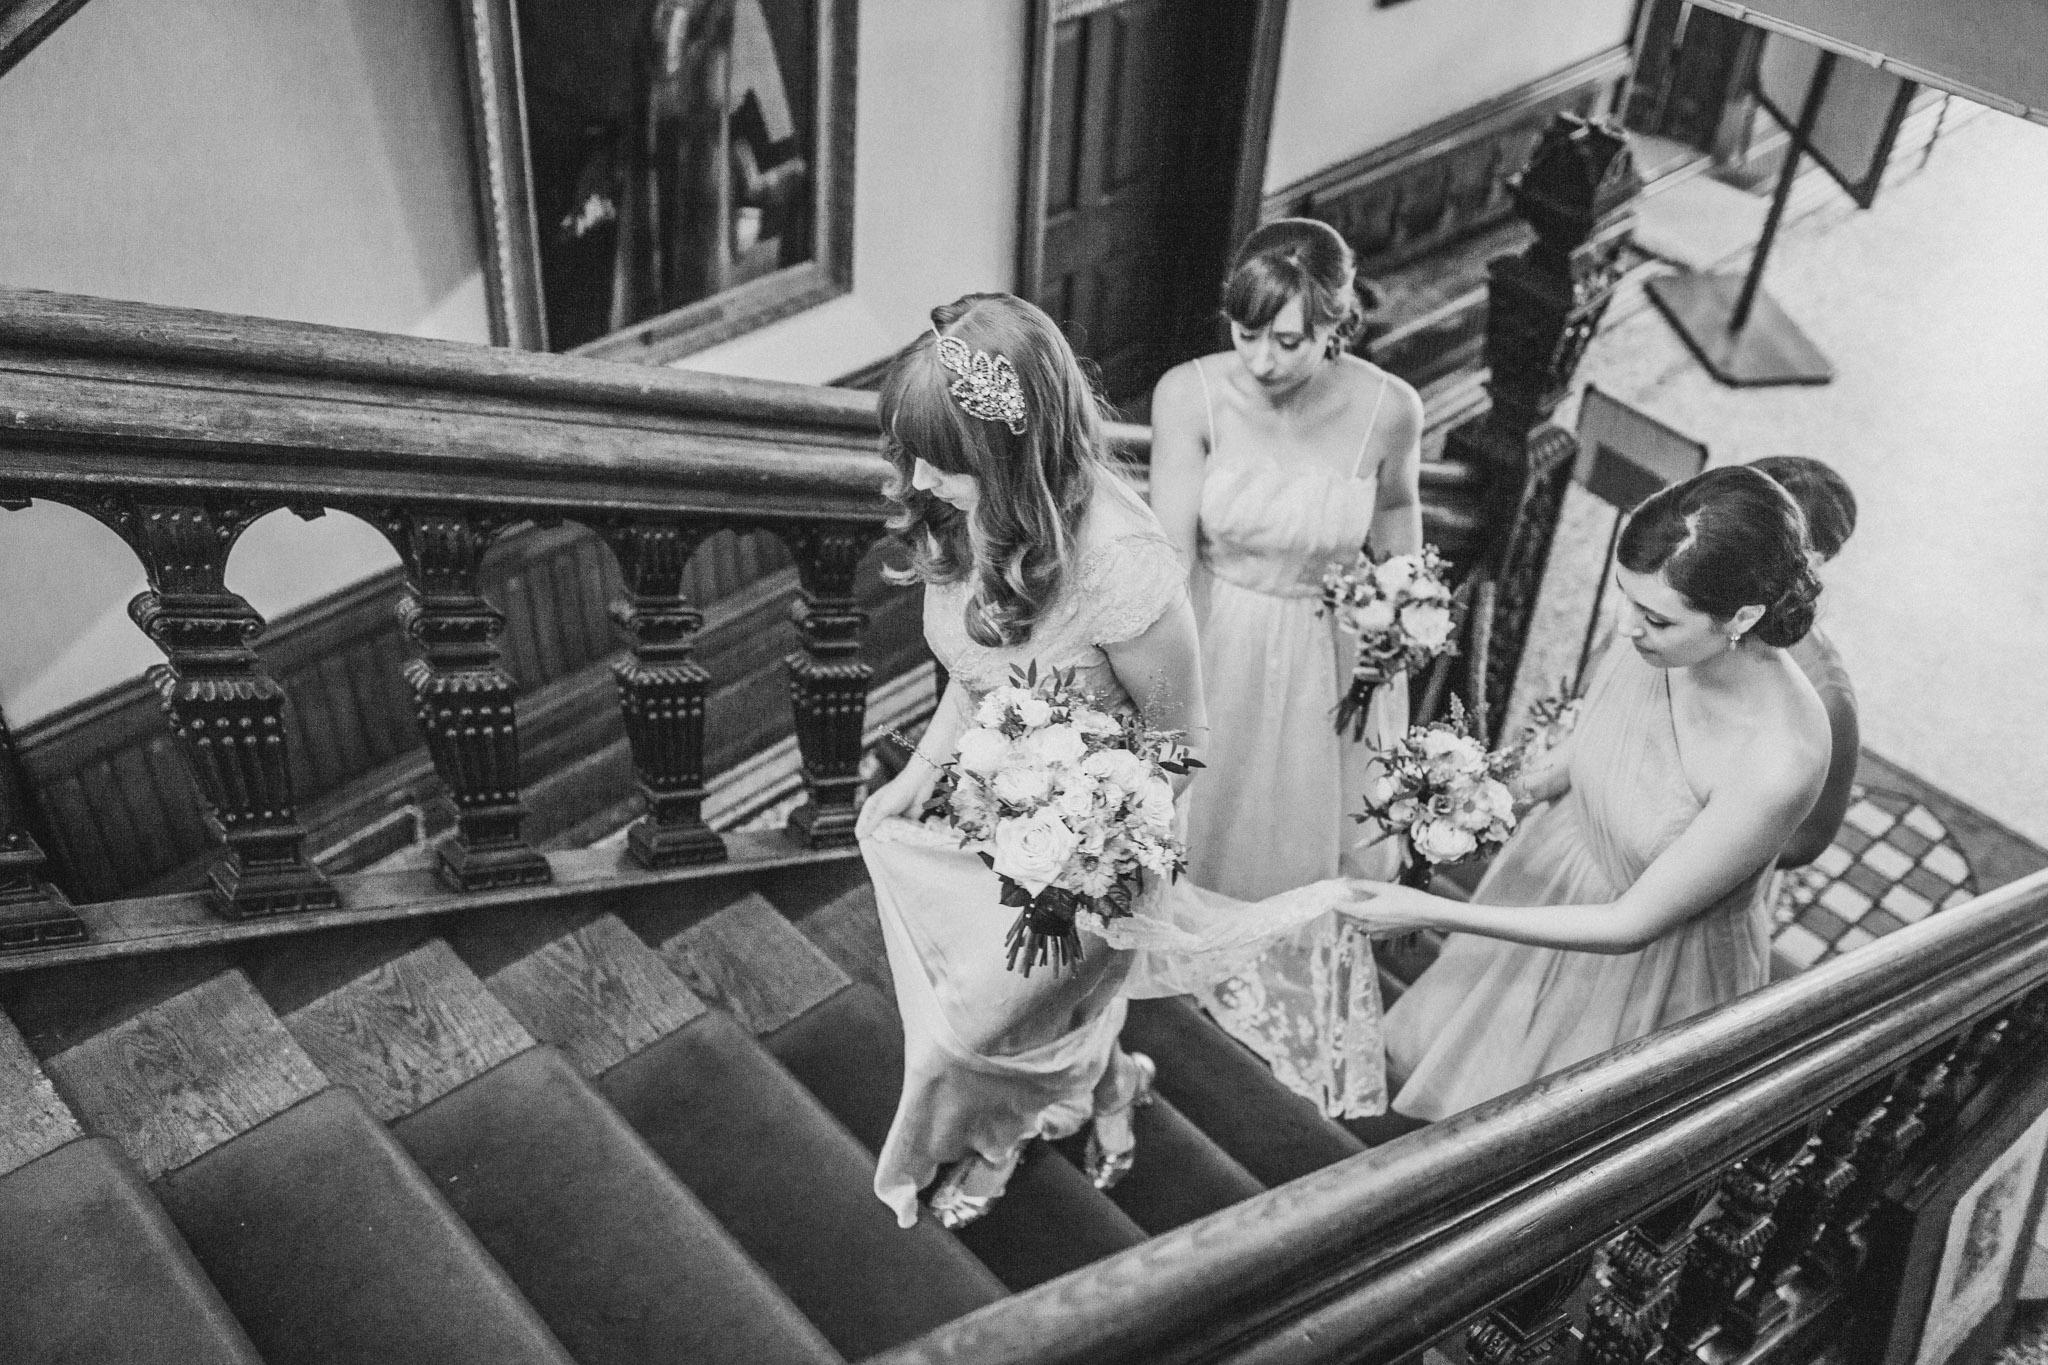 lewes_wedding_photographer_0023.jpg